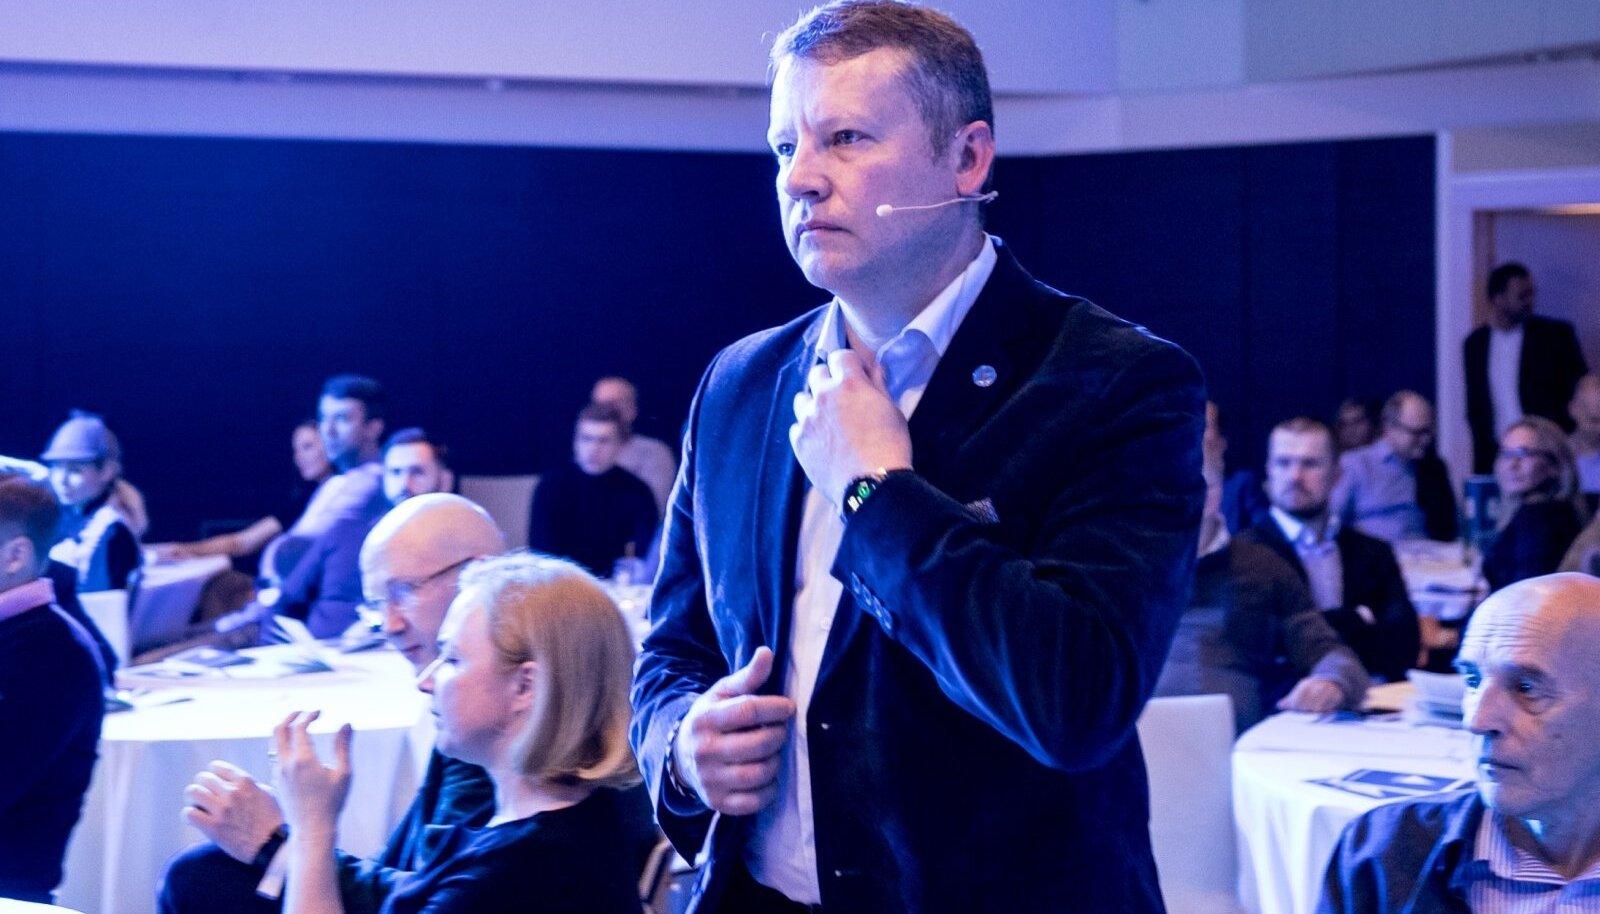 Toomas Uibo erakonna Eesti 200 asutamise koosolekul